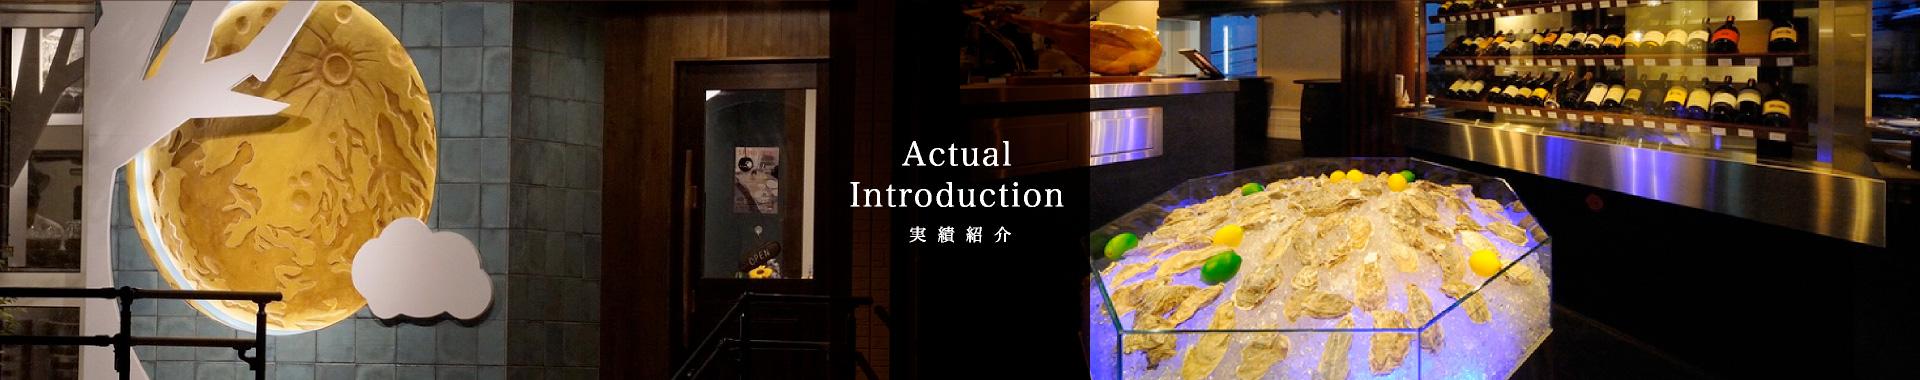 実績紹介|東京神奈川の飲食店設計施工のHACOLABO(ハコラボ)(商業空間デザイン・舞台美術造形・ロゴイラストデザイン等)